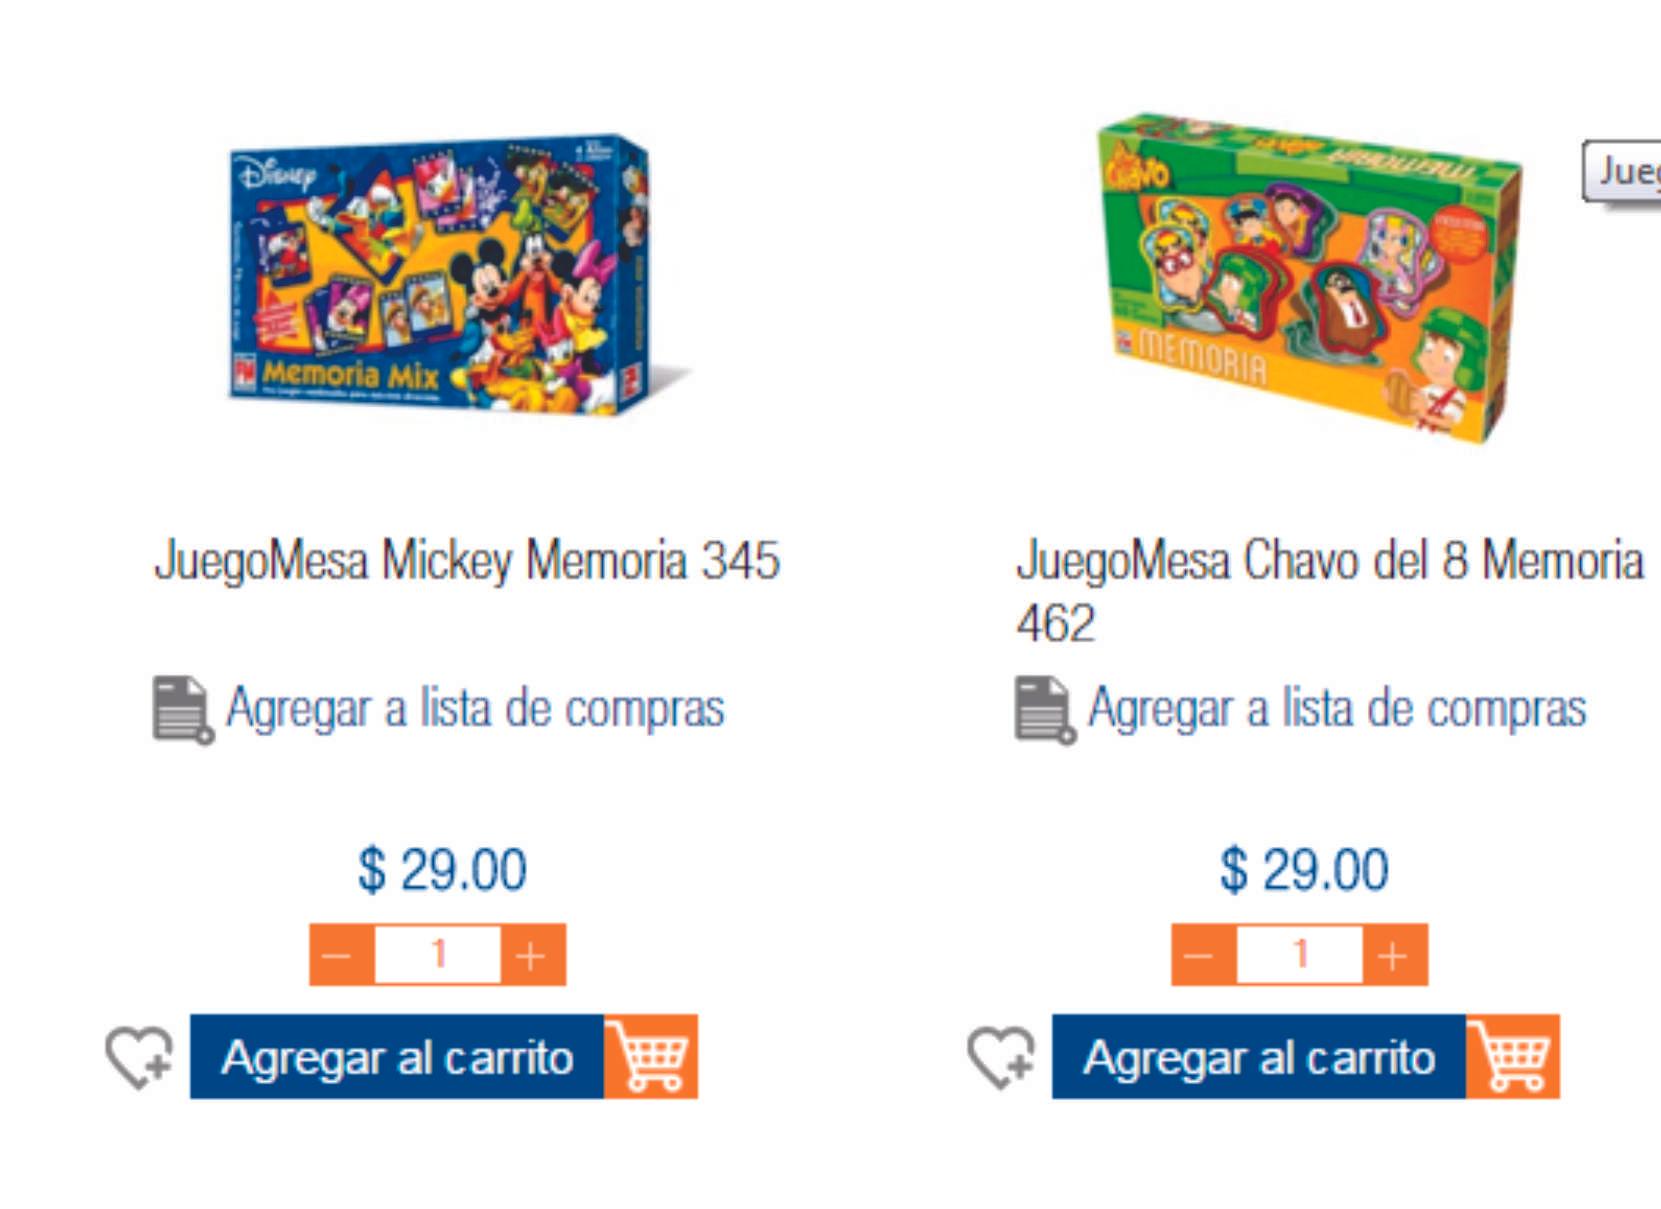 Chedraui: Juego de Memoria Mickey y Memoria El Chavo (Fotorama) a $29.00 c/u